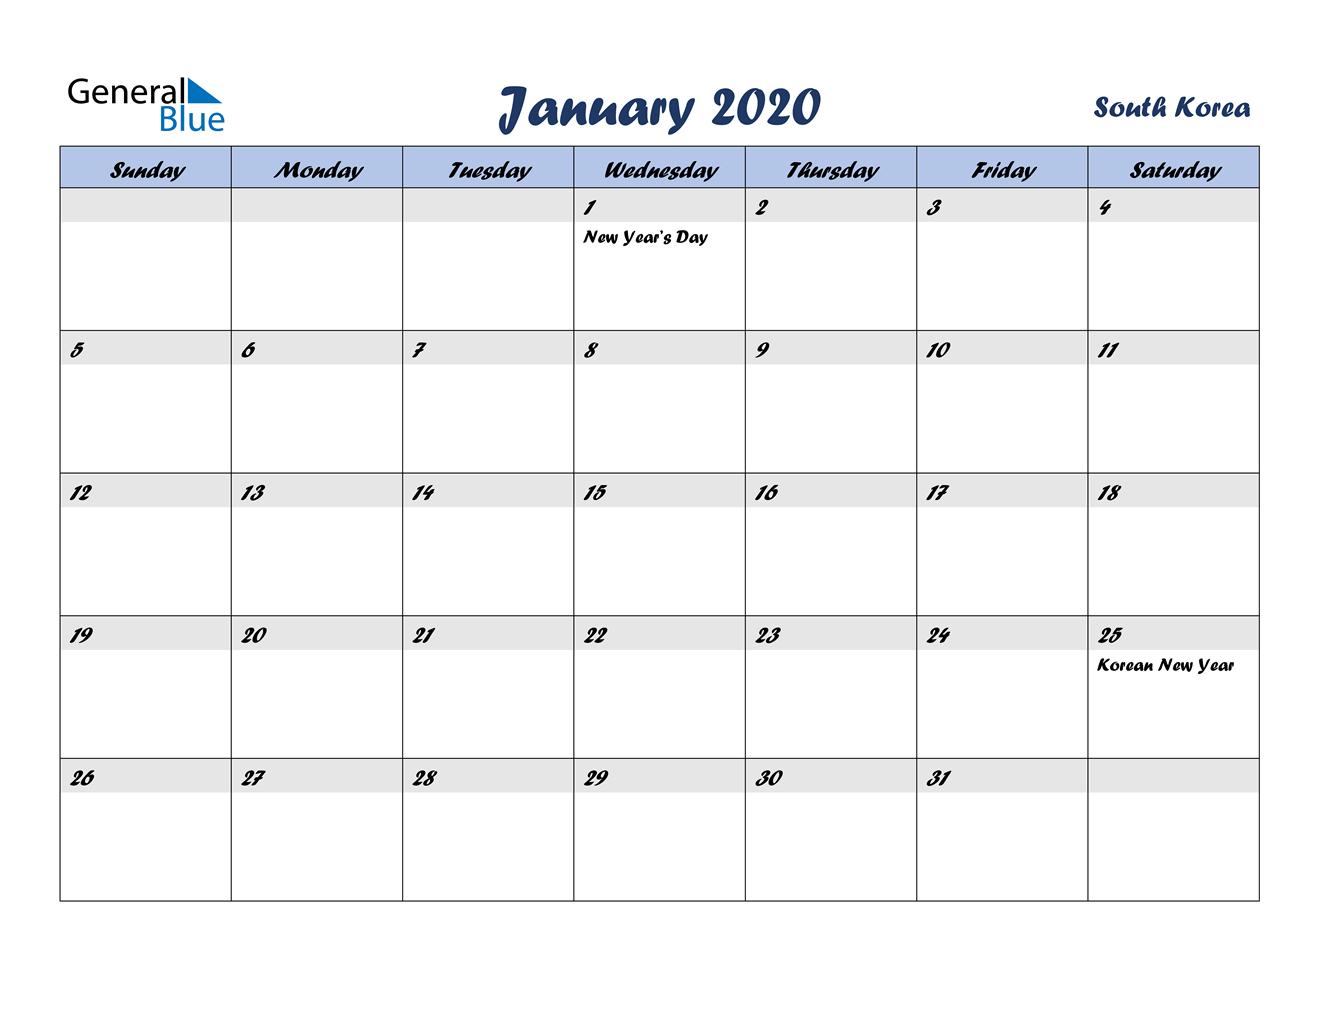 January 2020 Calendar - South Korea